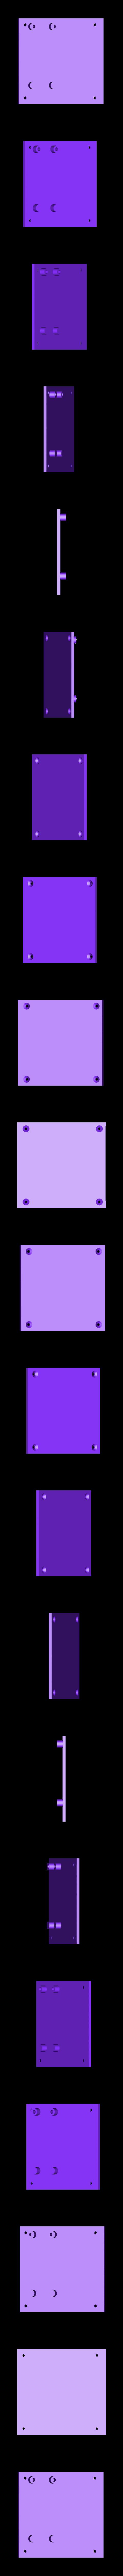 pet-frame-bottCover.stl Télécharger fichier STL gratuit Mini Commodore PET with Charlieplexed LED Matrix • Plan à imprimer en 3D, Adafruit